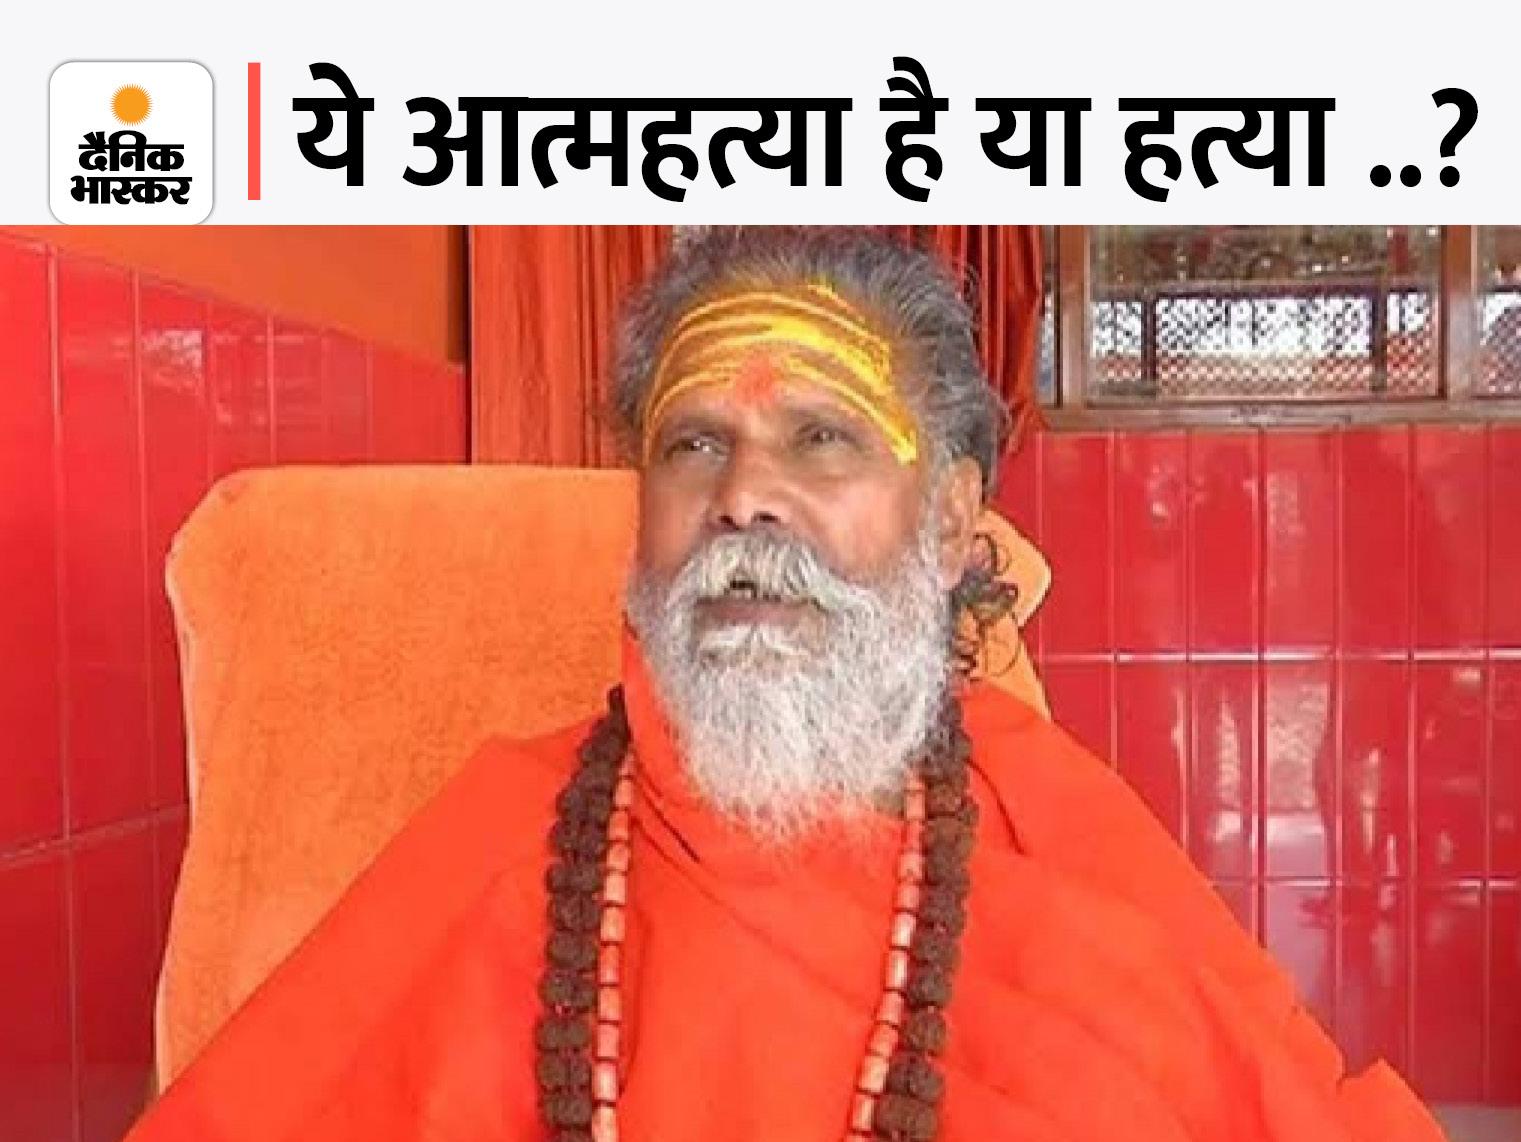 शिष्य आनंद गिरि को UP पुलिस ने हरिद्वार से गिरफ्तार किया, लेटे हनुमान मंदिर के पुजारी और उनके बेटे प्रयागराज से हिरासत में लिए गए|देश,National - Dainik Bhaskar